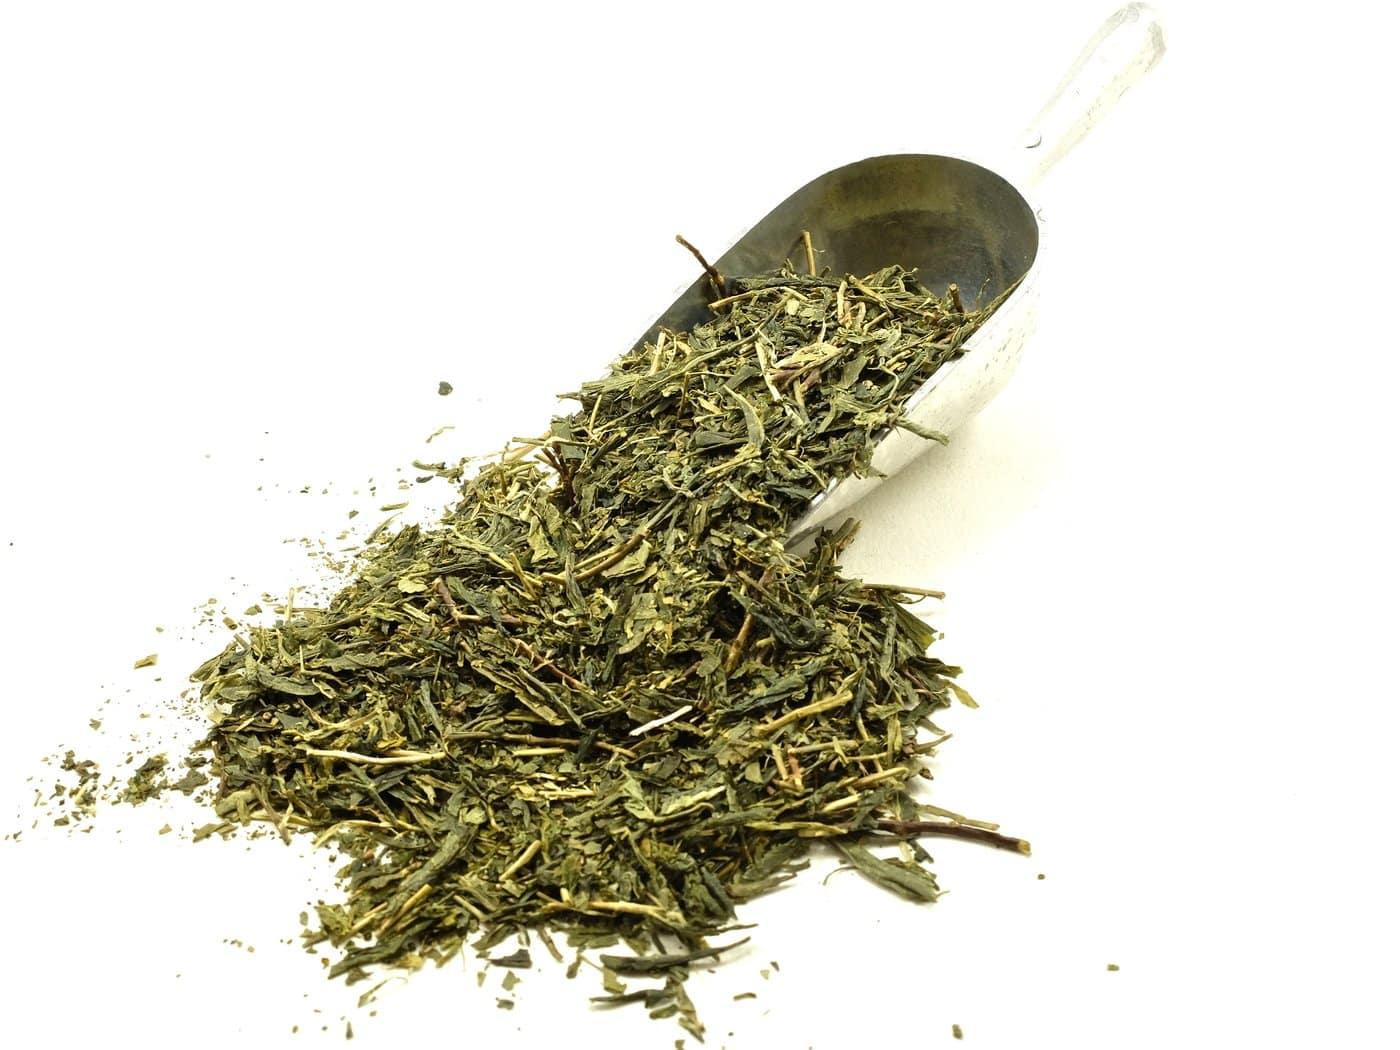 green tea 04 - ประเภทของชาเขียวมีอะไรบ้าง ที่คนชอบดื่มชาควรรู้